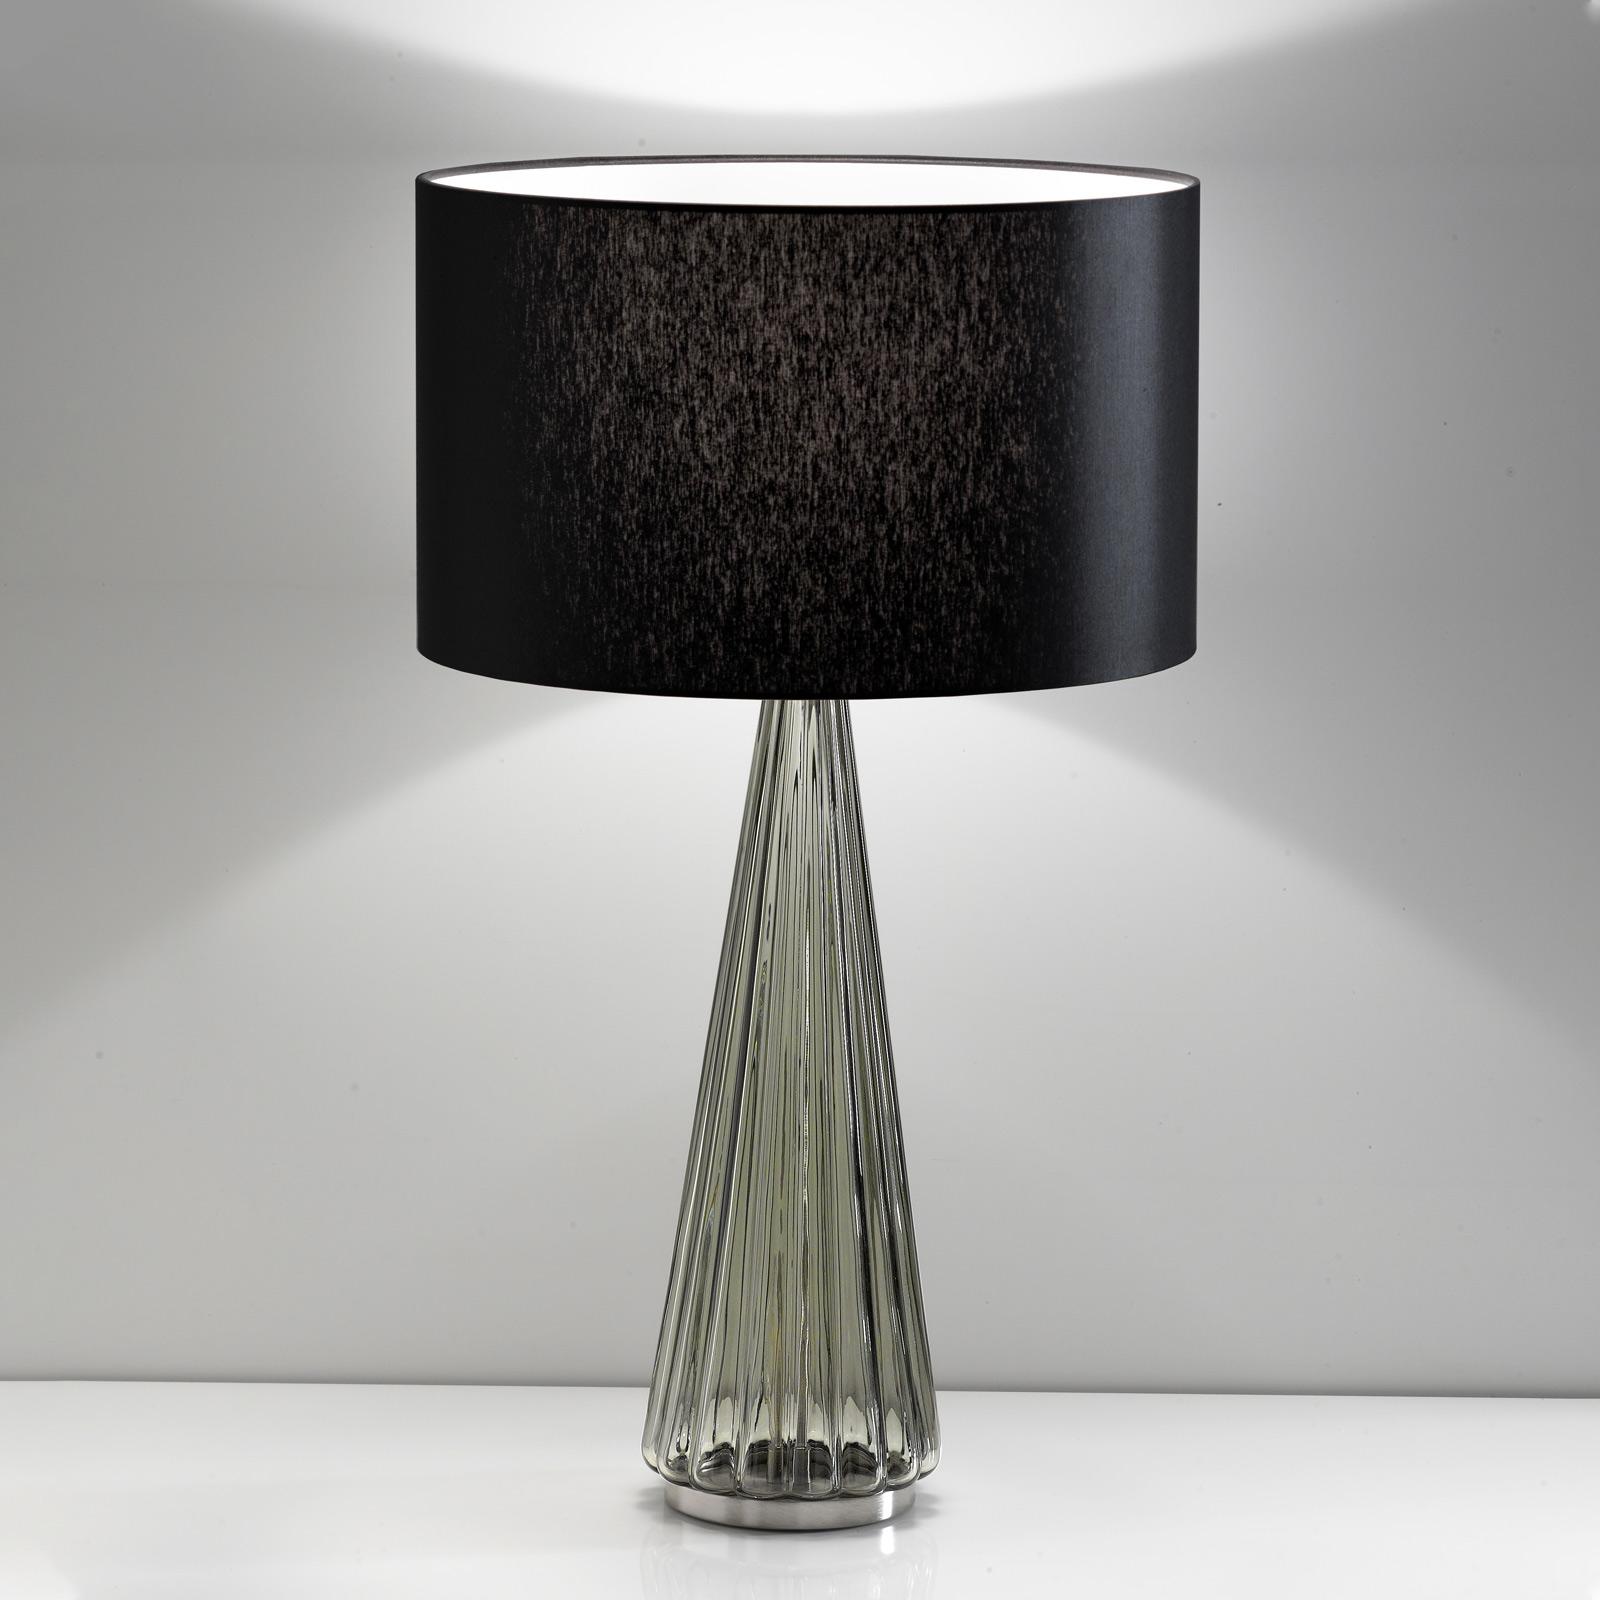 Tafellamp Costa Rica kap zwart, voet grijs